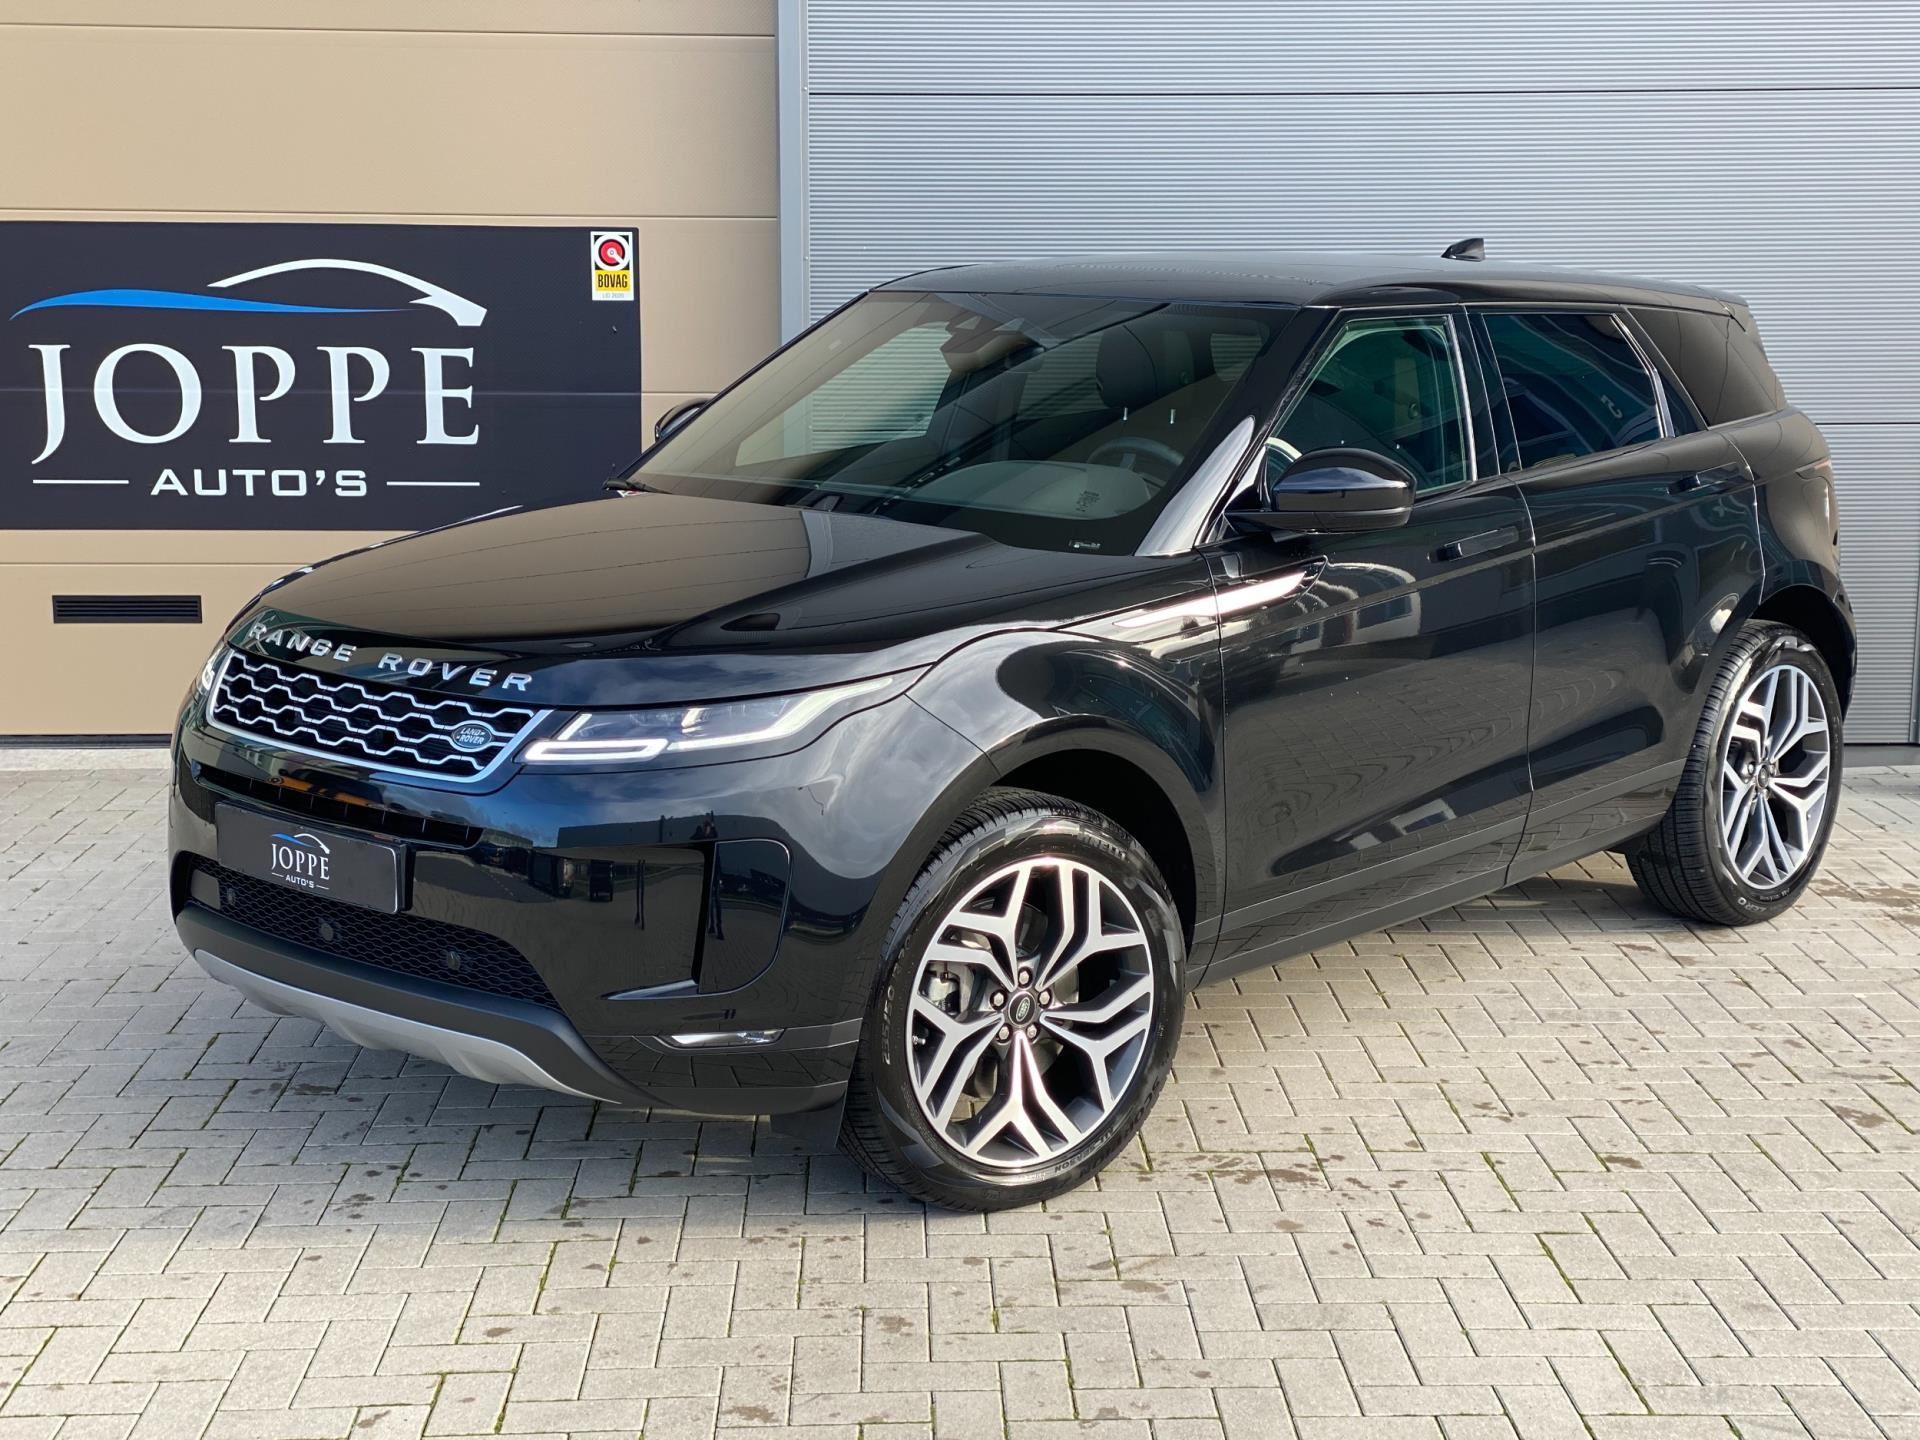 Land Rover Range Rover Evoque occasion - Joppe Auto's